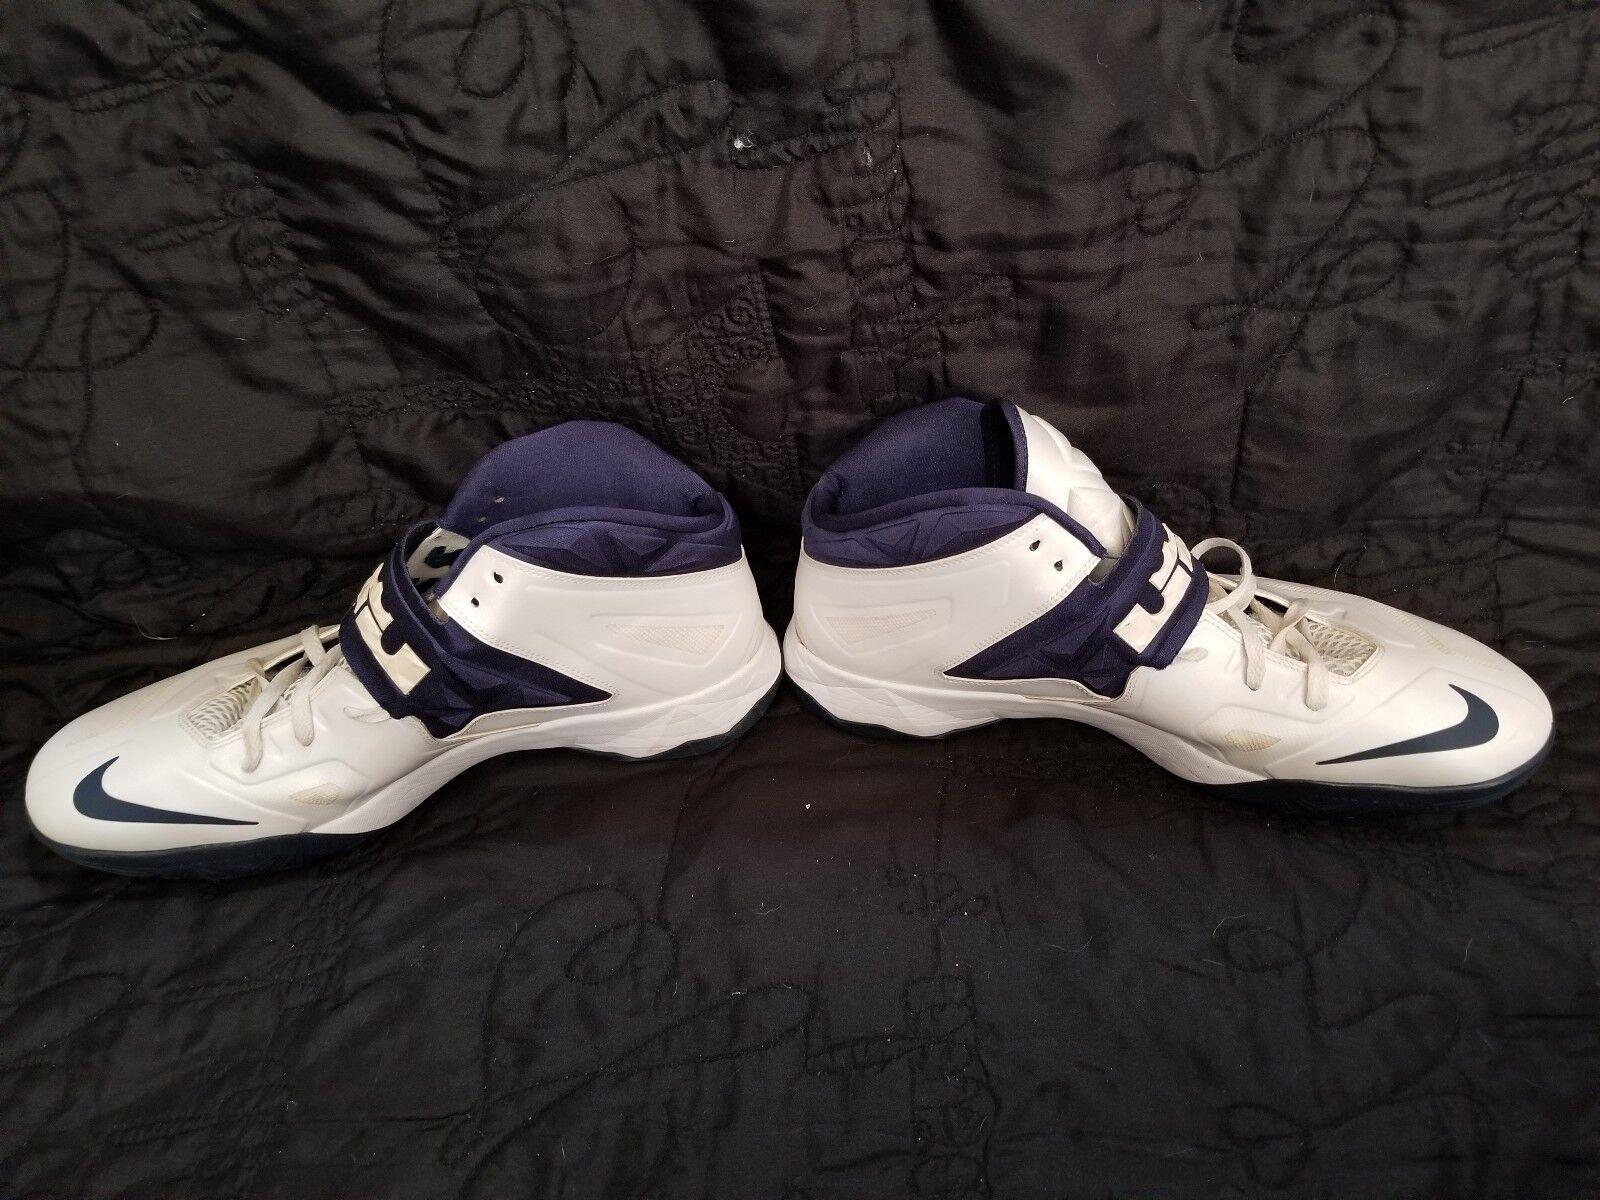 separation shoes 30217 08641 ... Nike Nike Nike LeBron James White Navy bluee Size 16 US 599263-101  53c73c ...